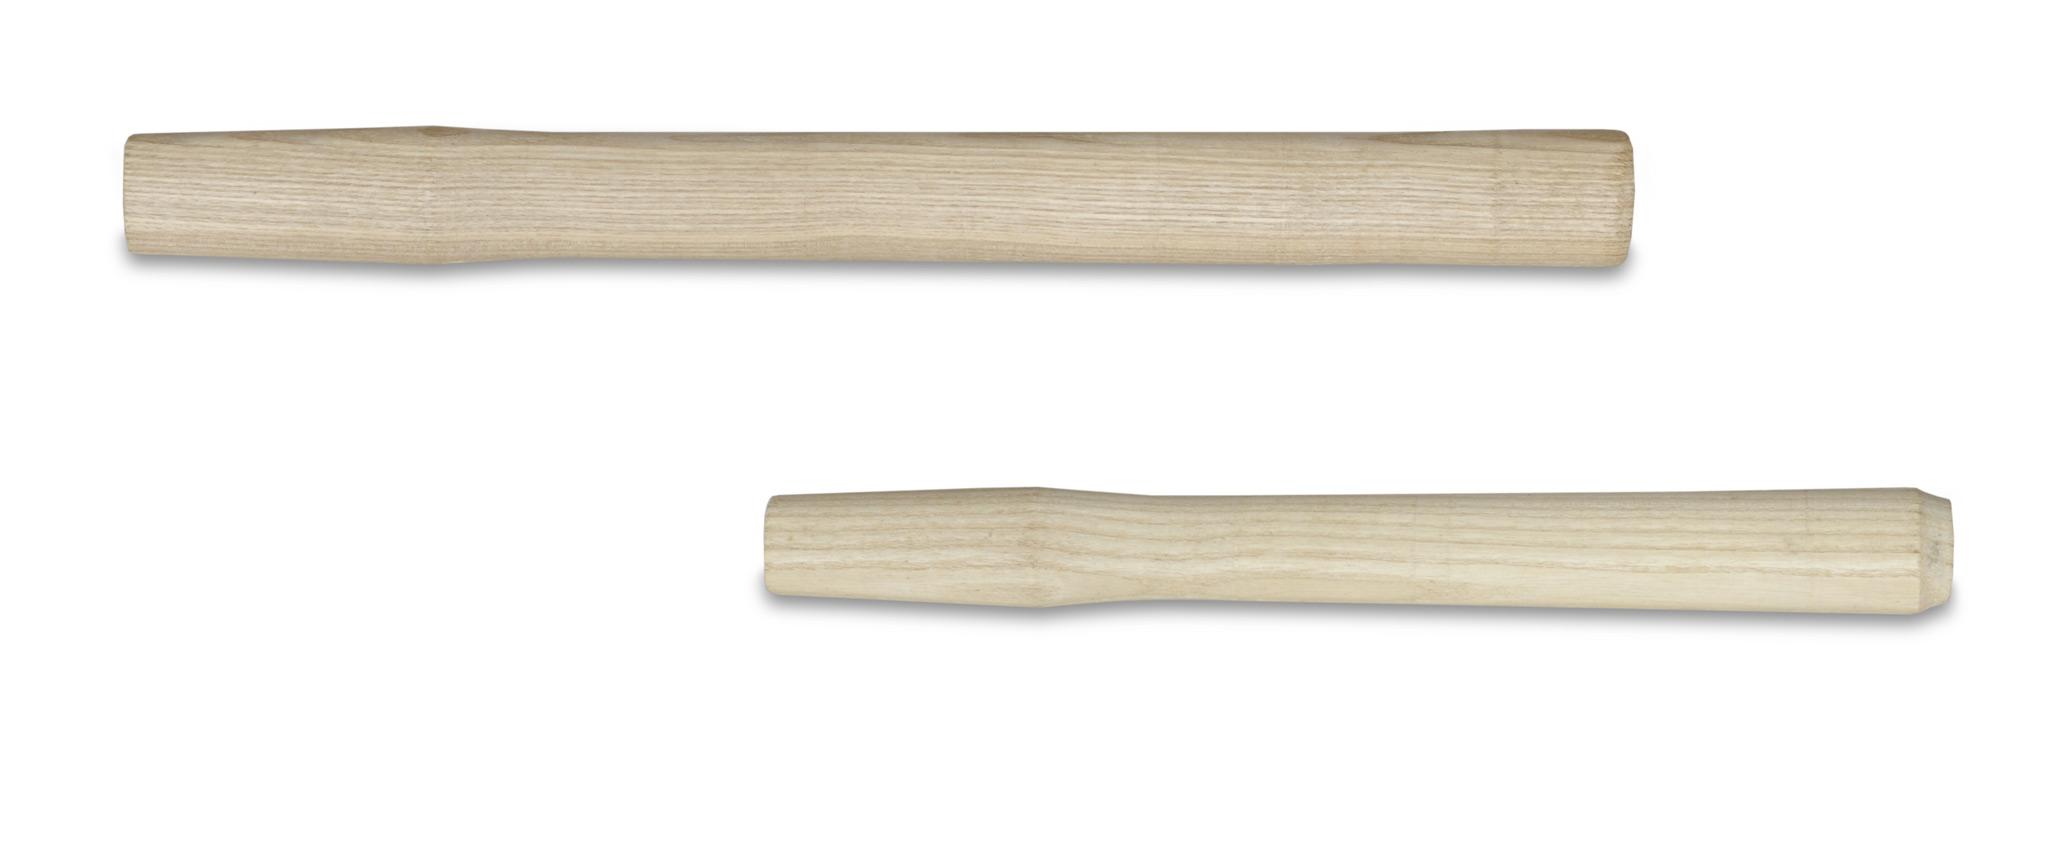 fabricant de manches d 39 outils en bois vigne fr res. Black Bedroom Furniture Sets. Home Design Ideas